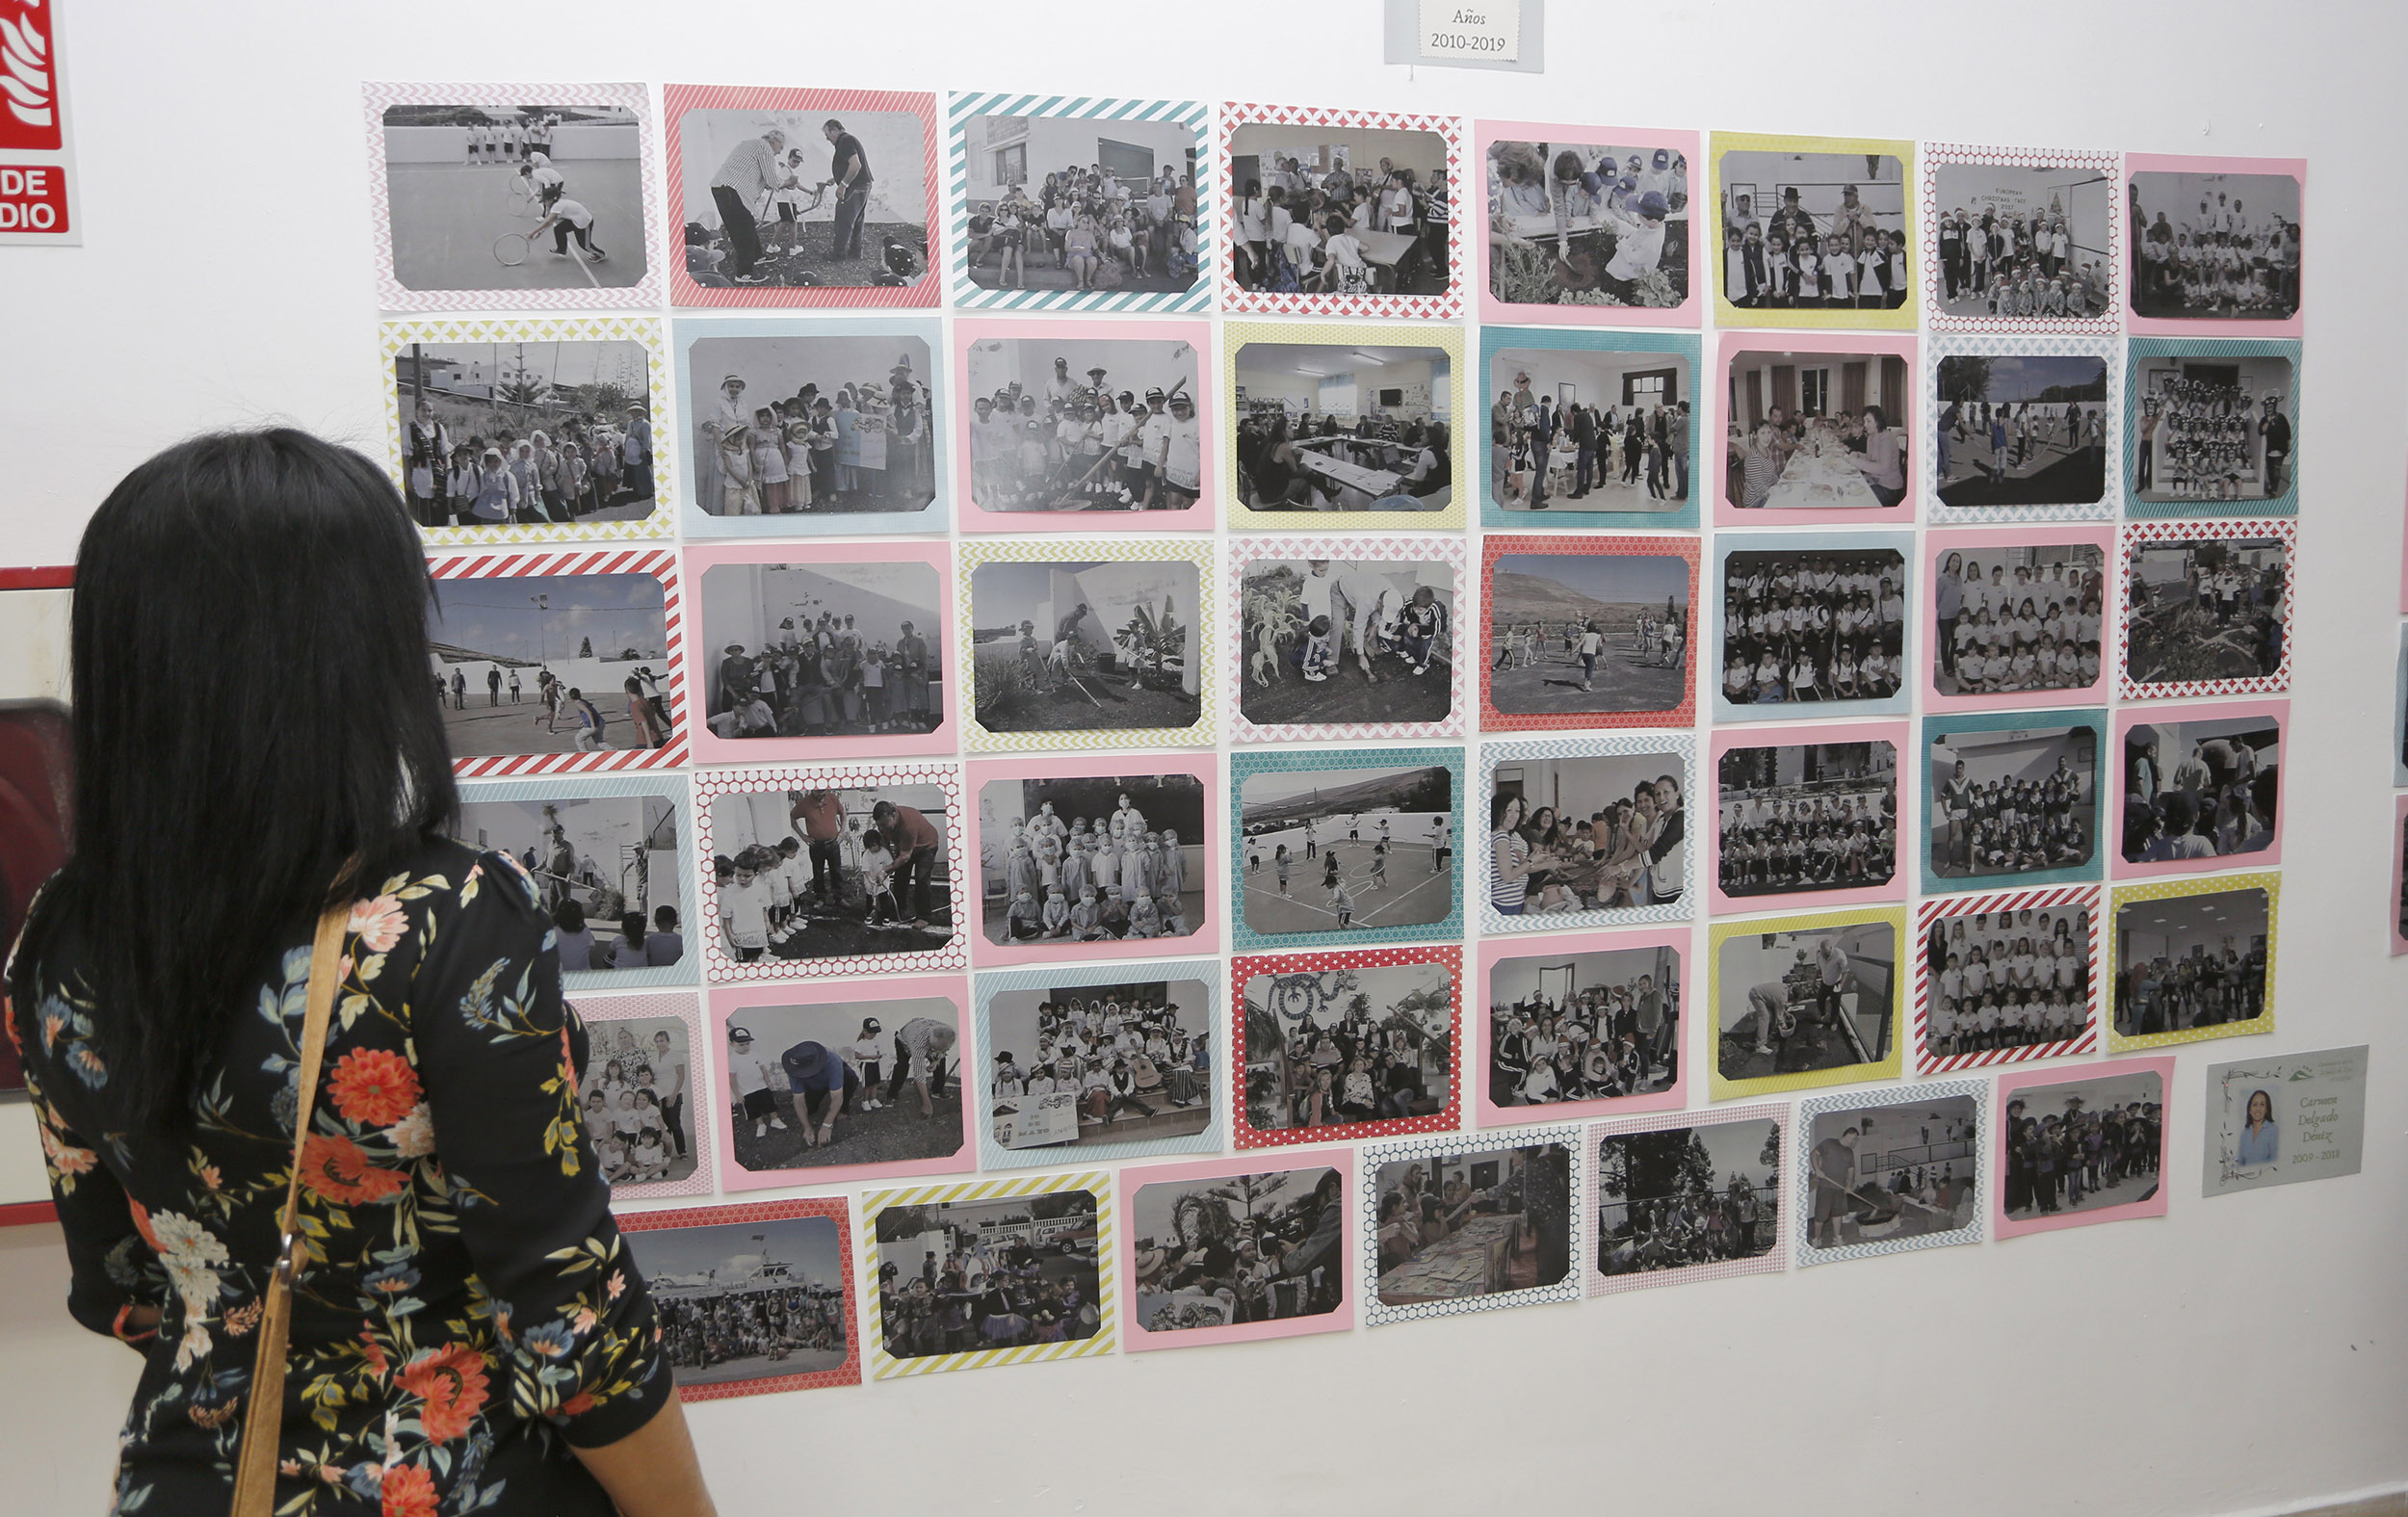 La escuela de Tao celebra sus 100 años de vida